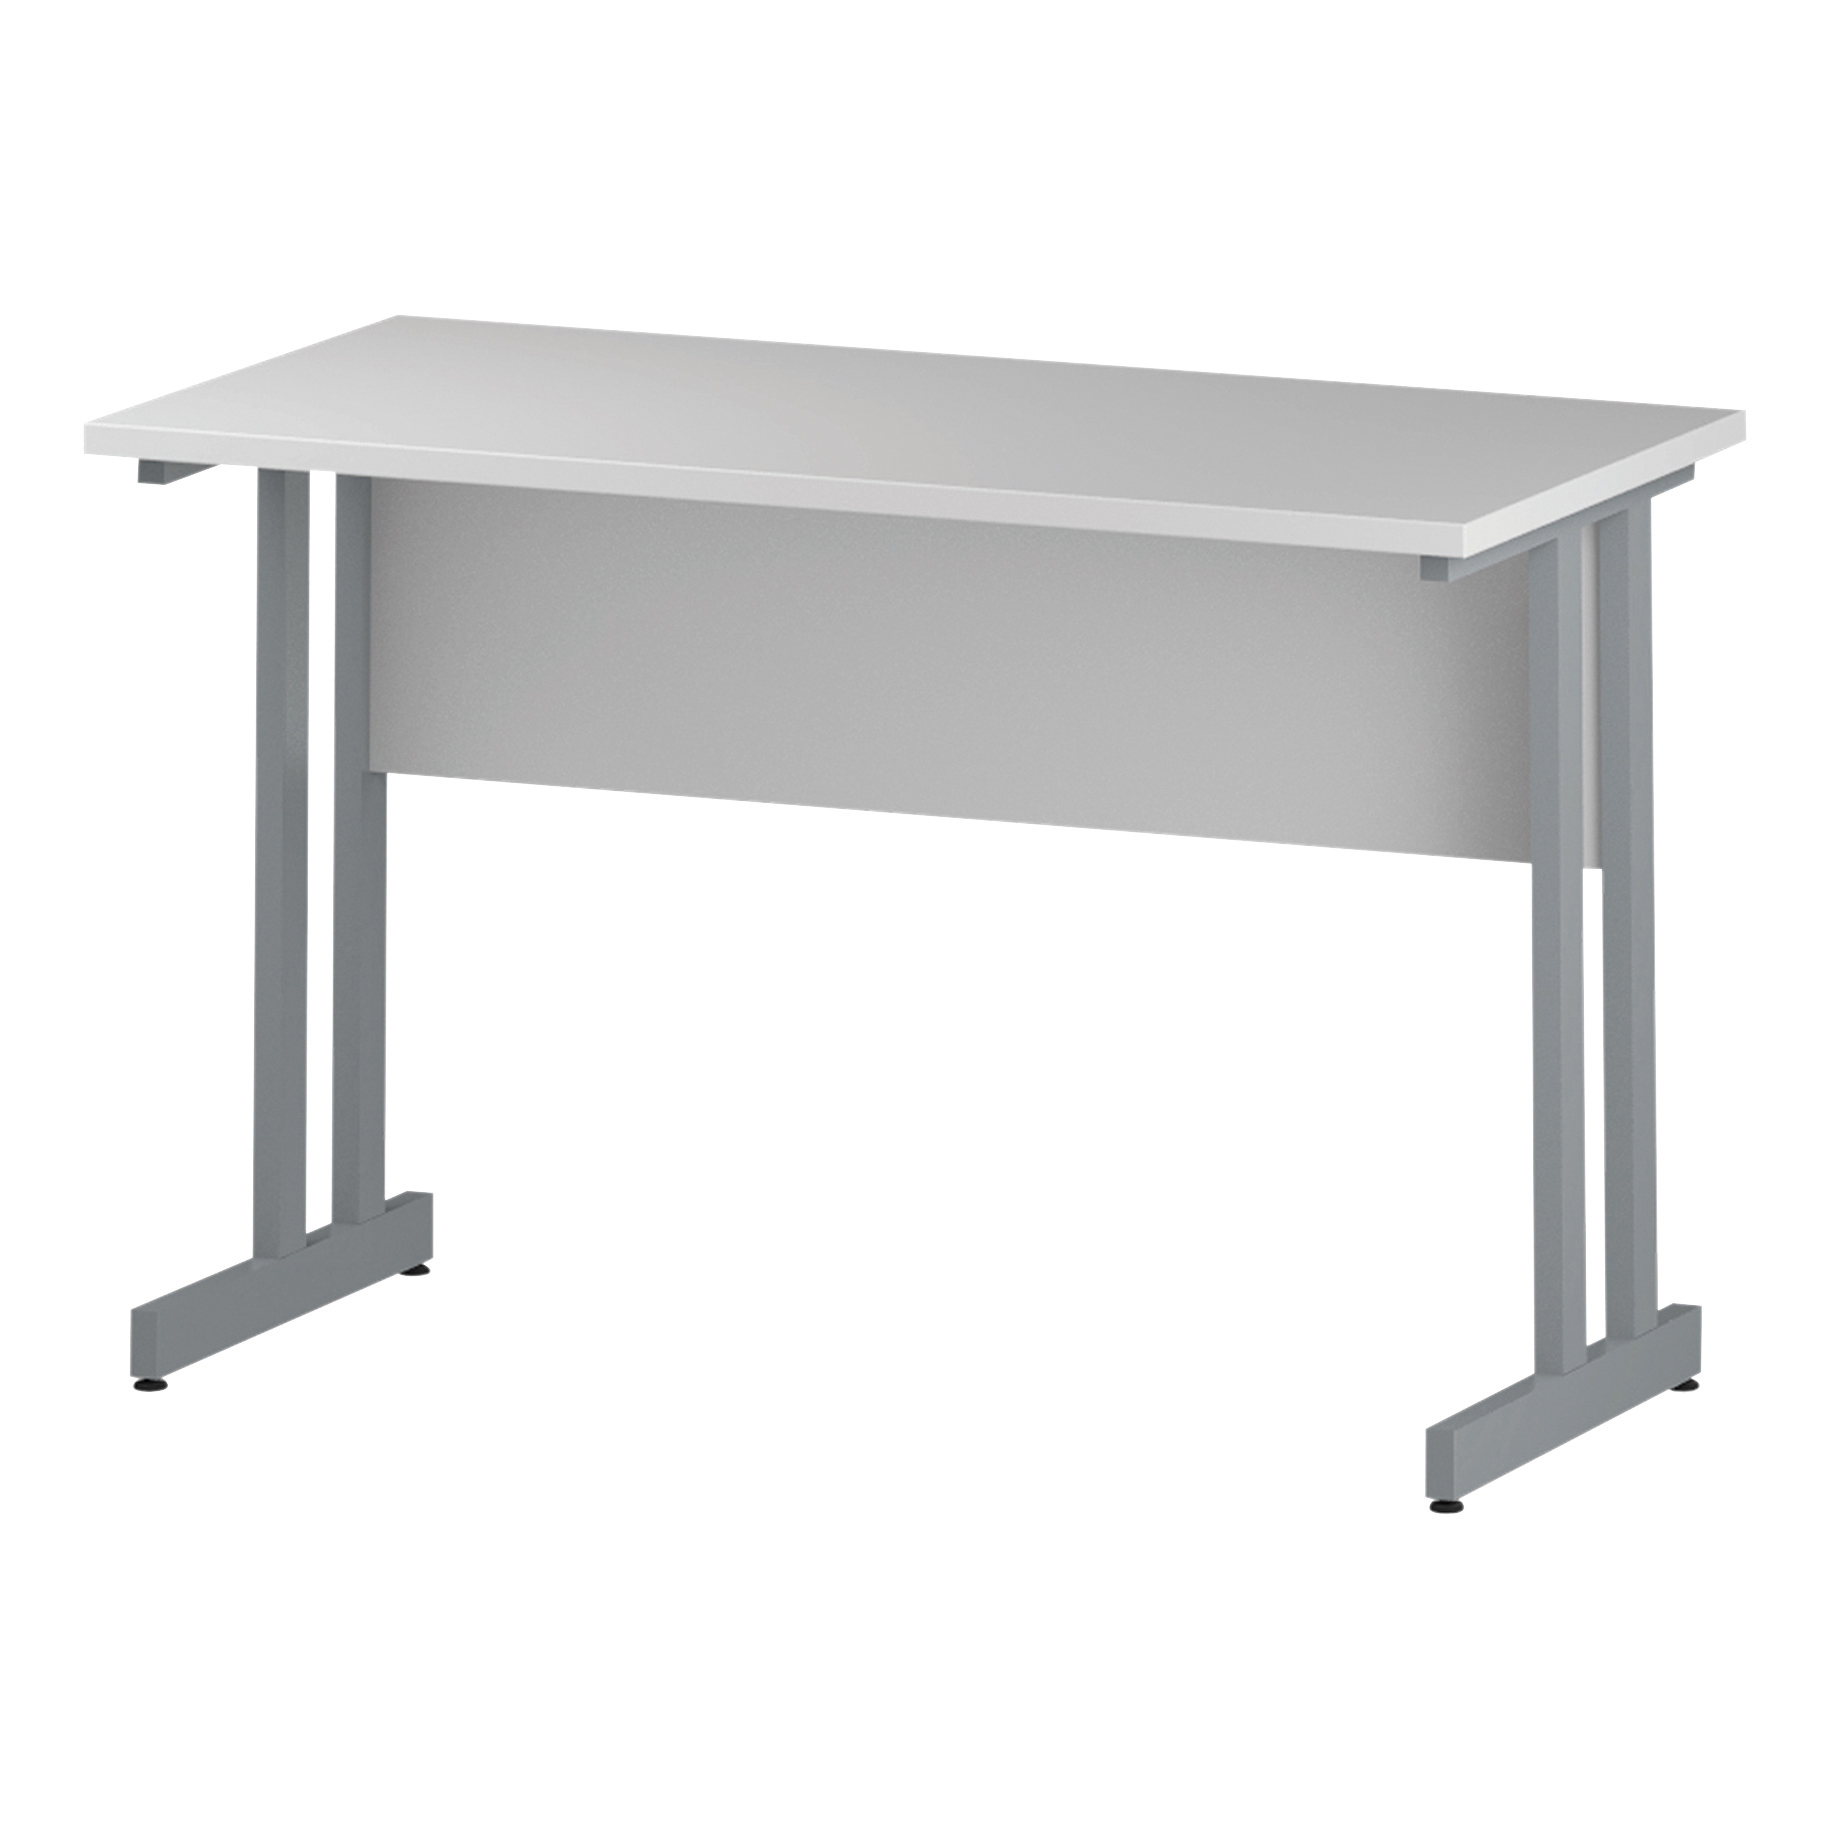 Trexus Rectangular Slim Desk Silver Cantilever Leg 1200x600mm White Ref I002196